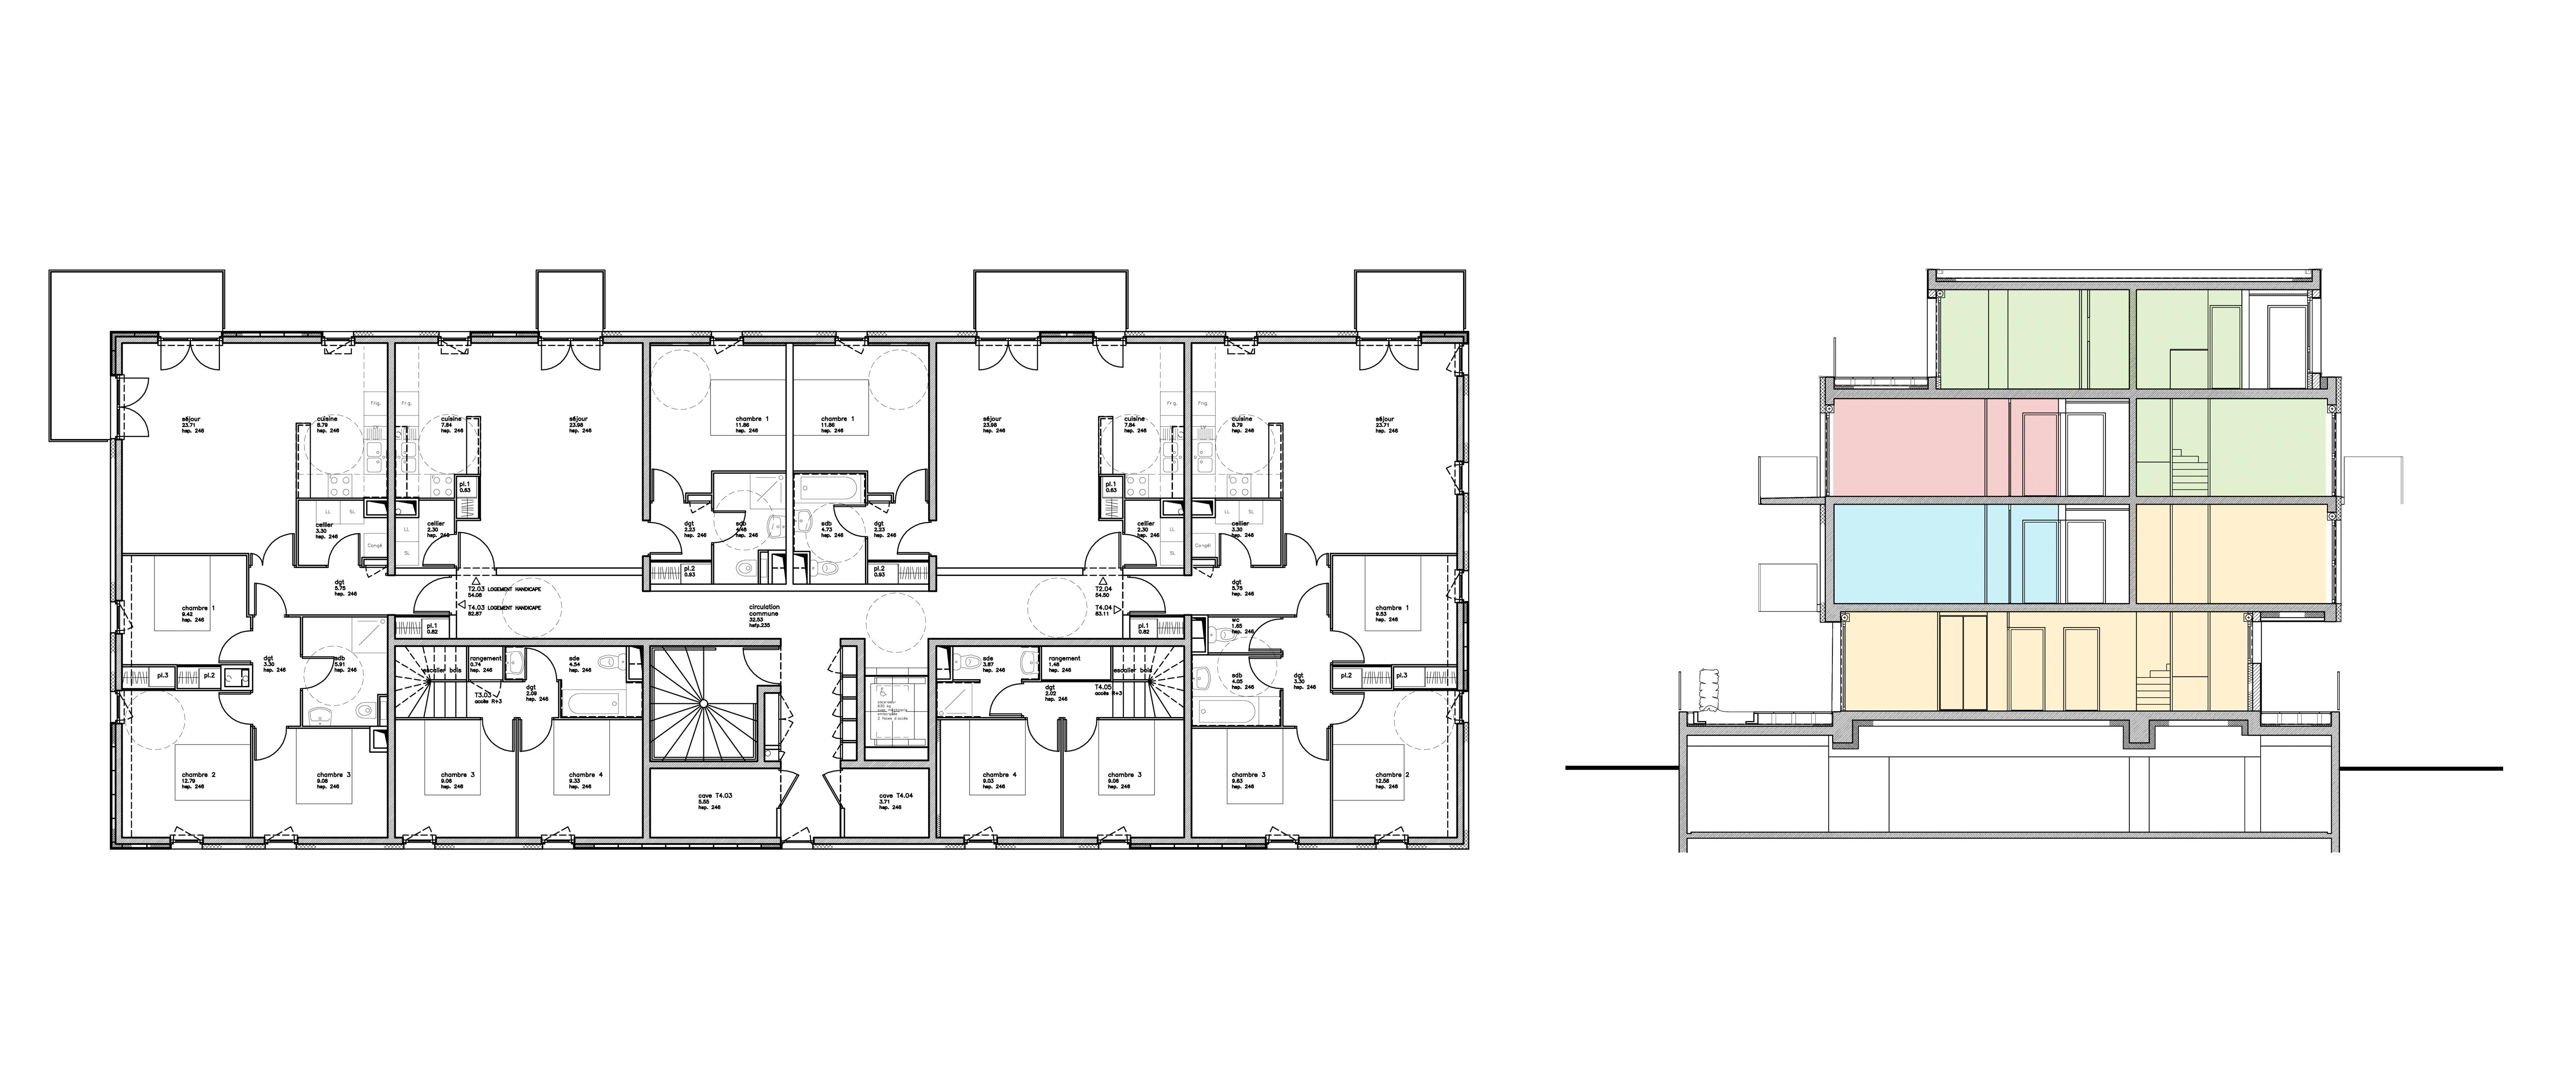 PLAN COUPE 1 - 2 immeubles de 16 logements collectifs - Hérouville-Saint-Clair